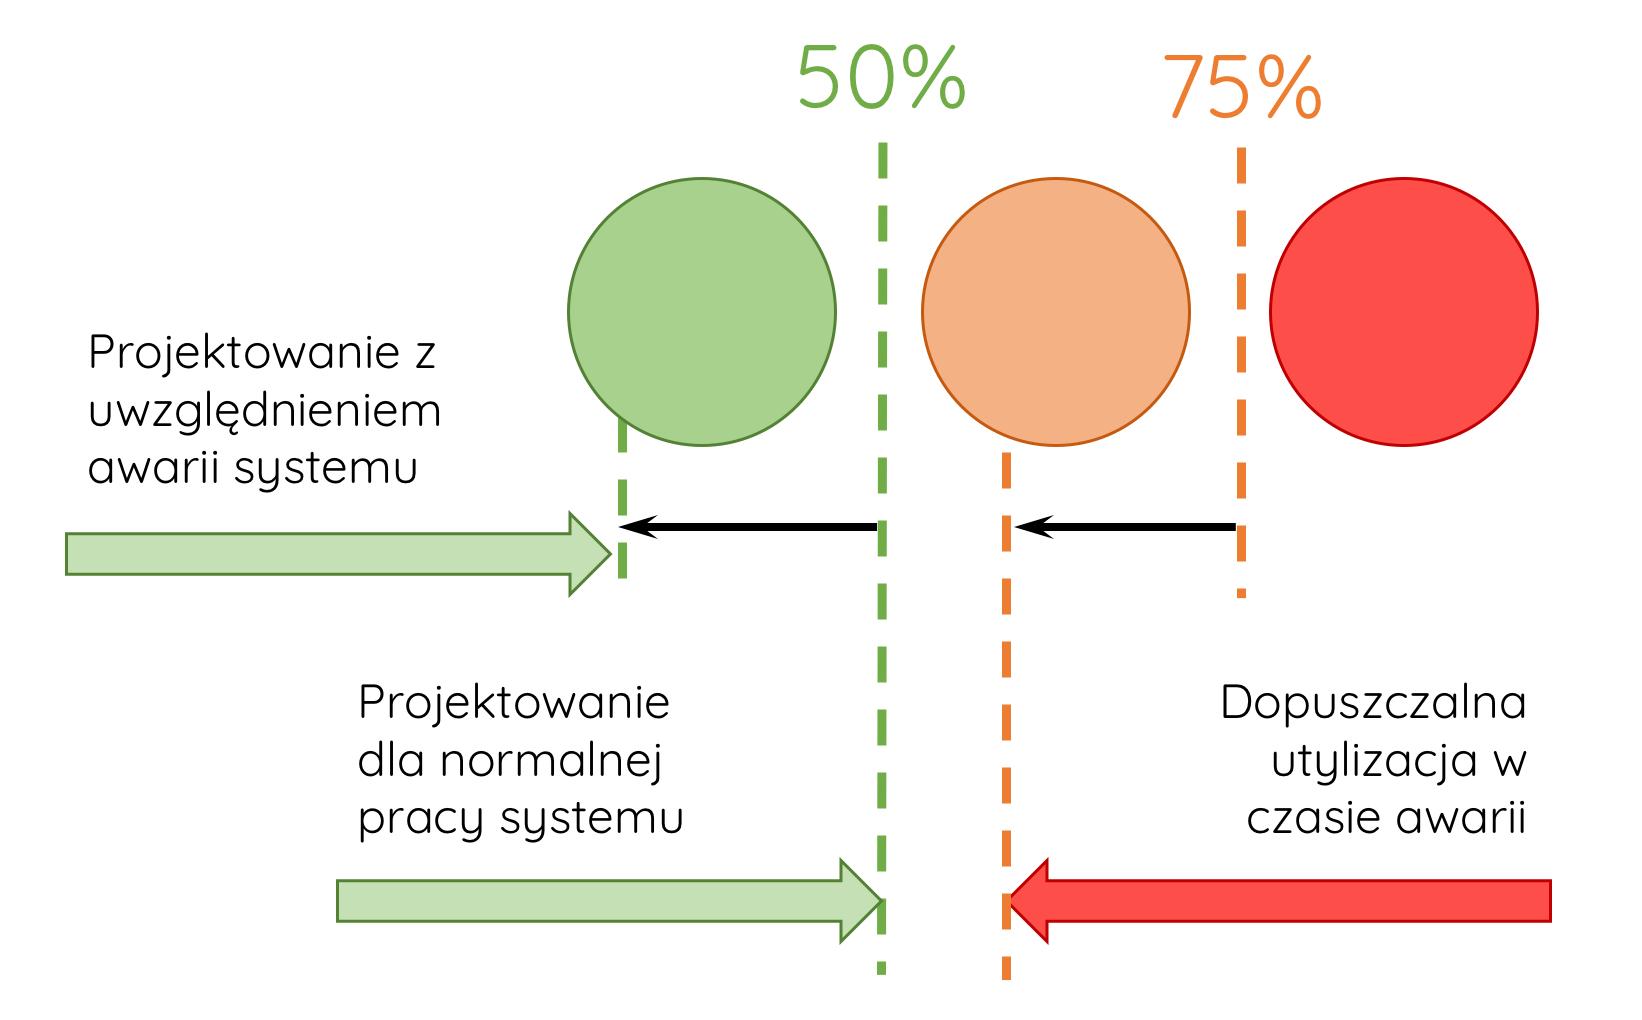 projektowanie wydajnosci